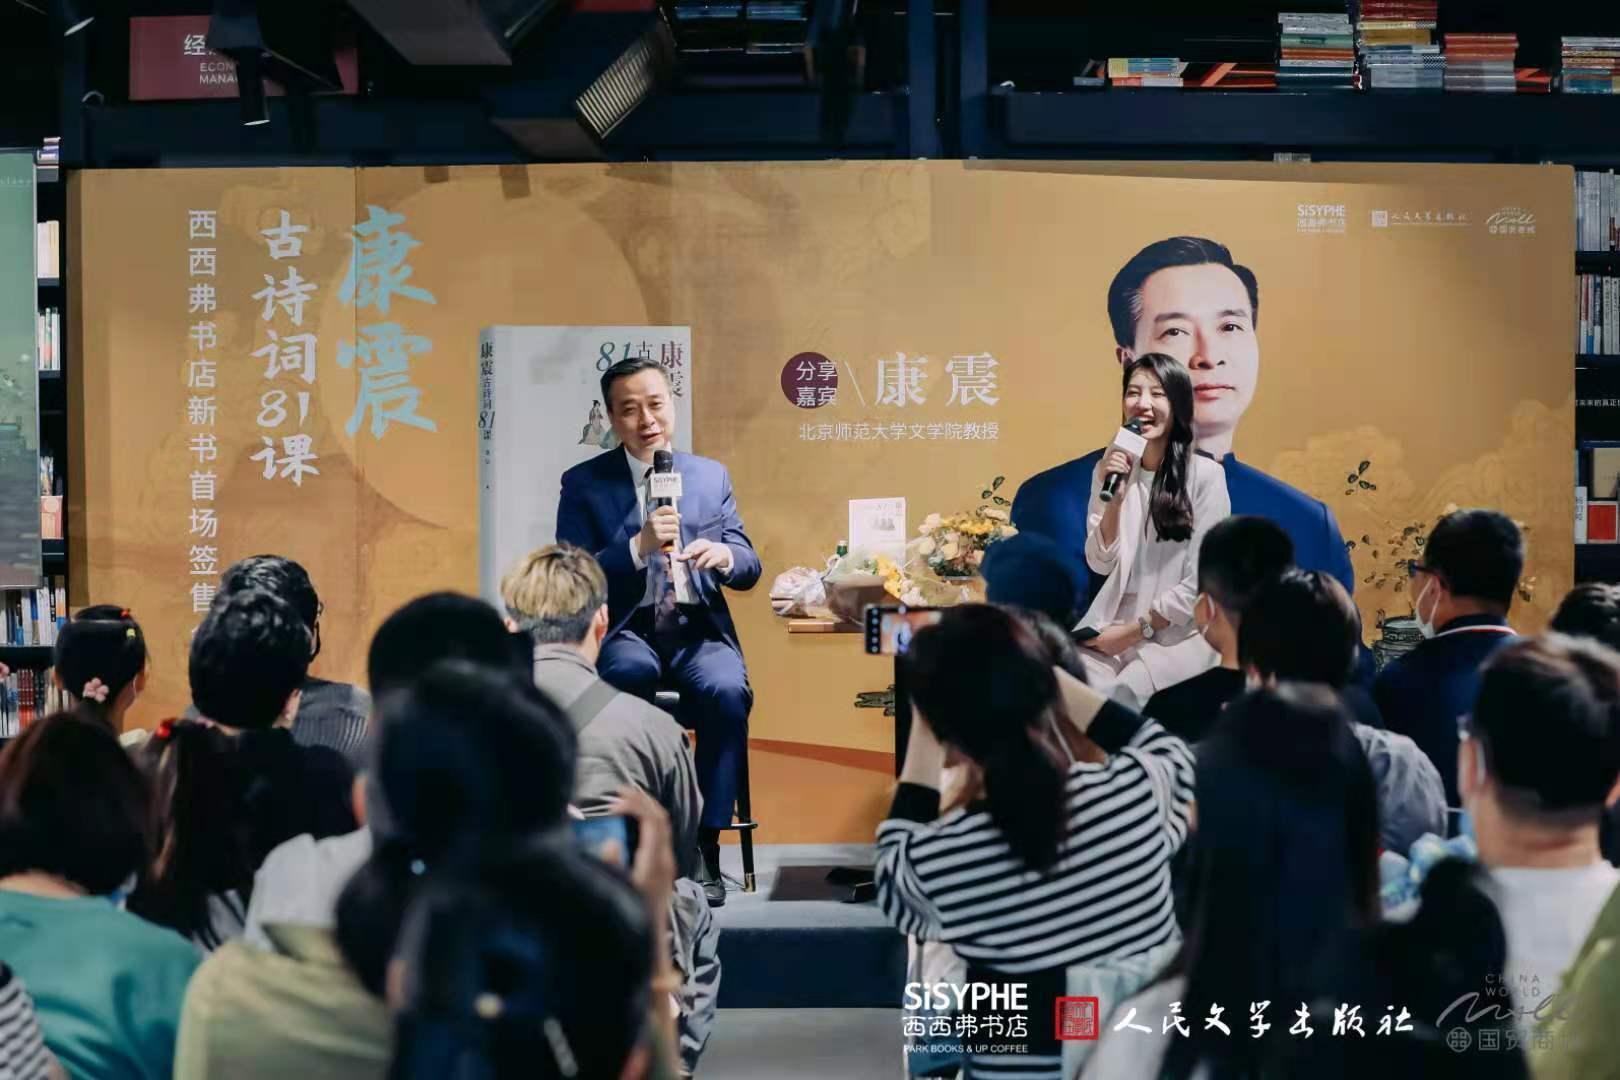 《康震古诗词81课》在京签售,为孩子打开教材之外的古诗词世界